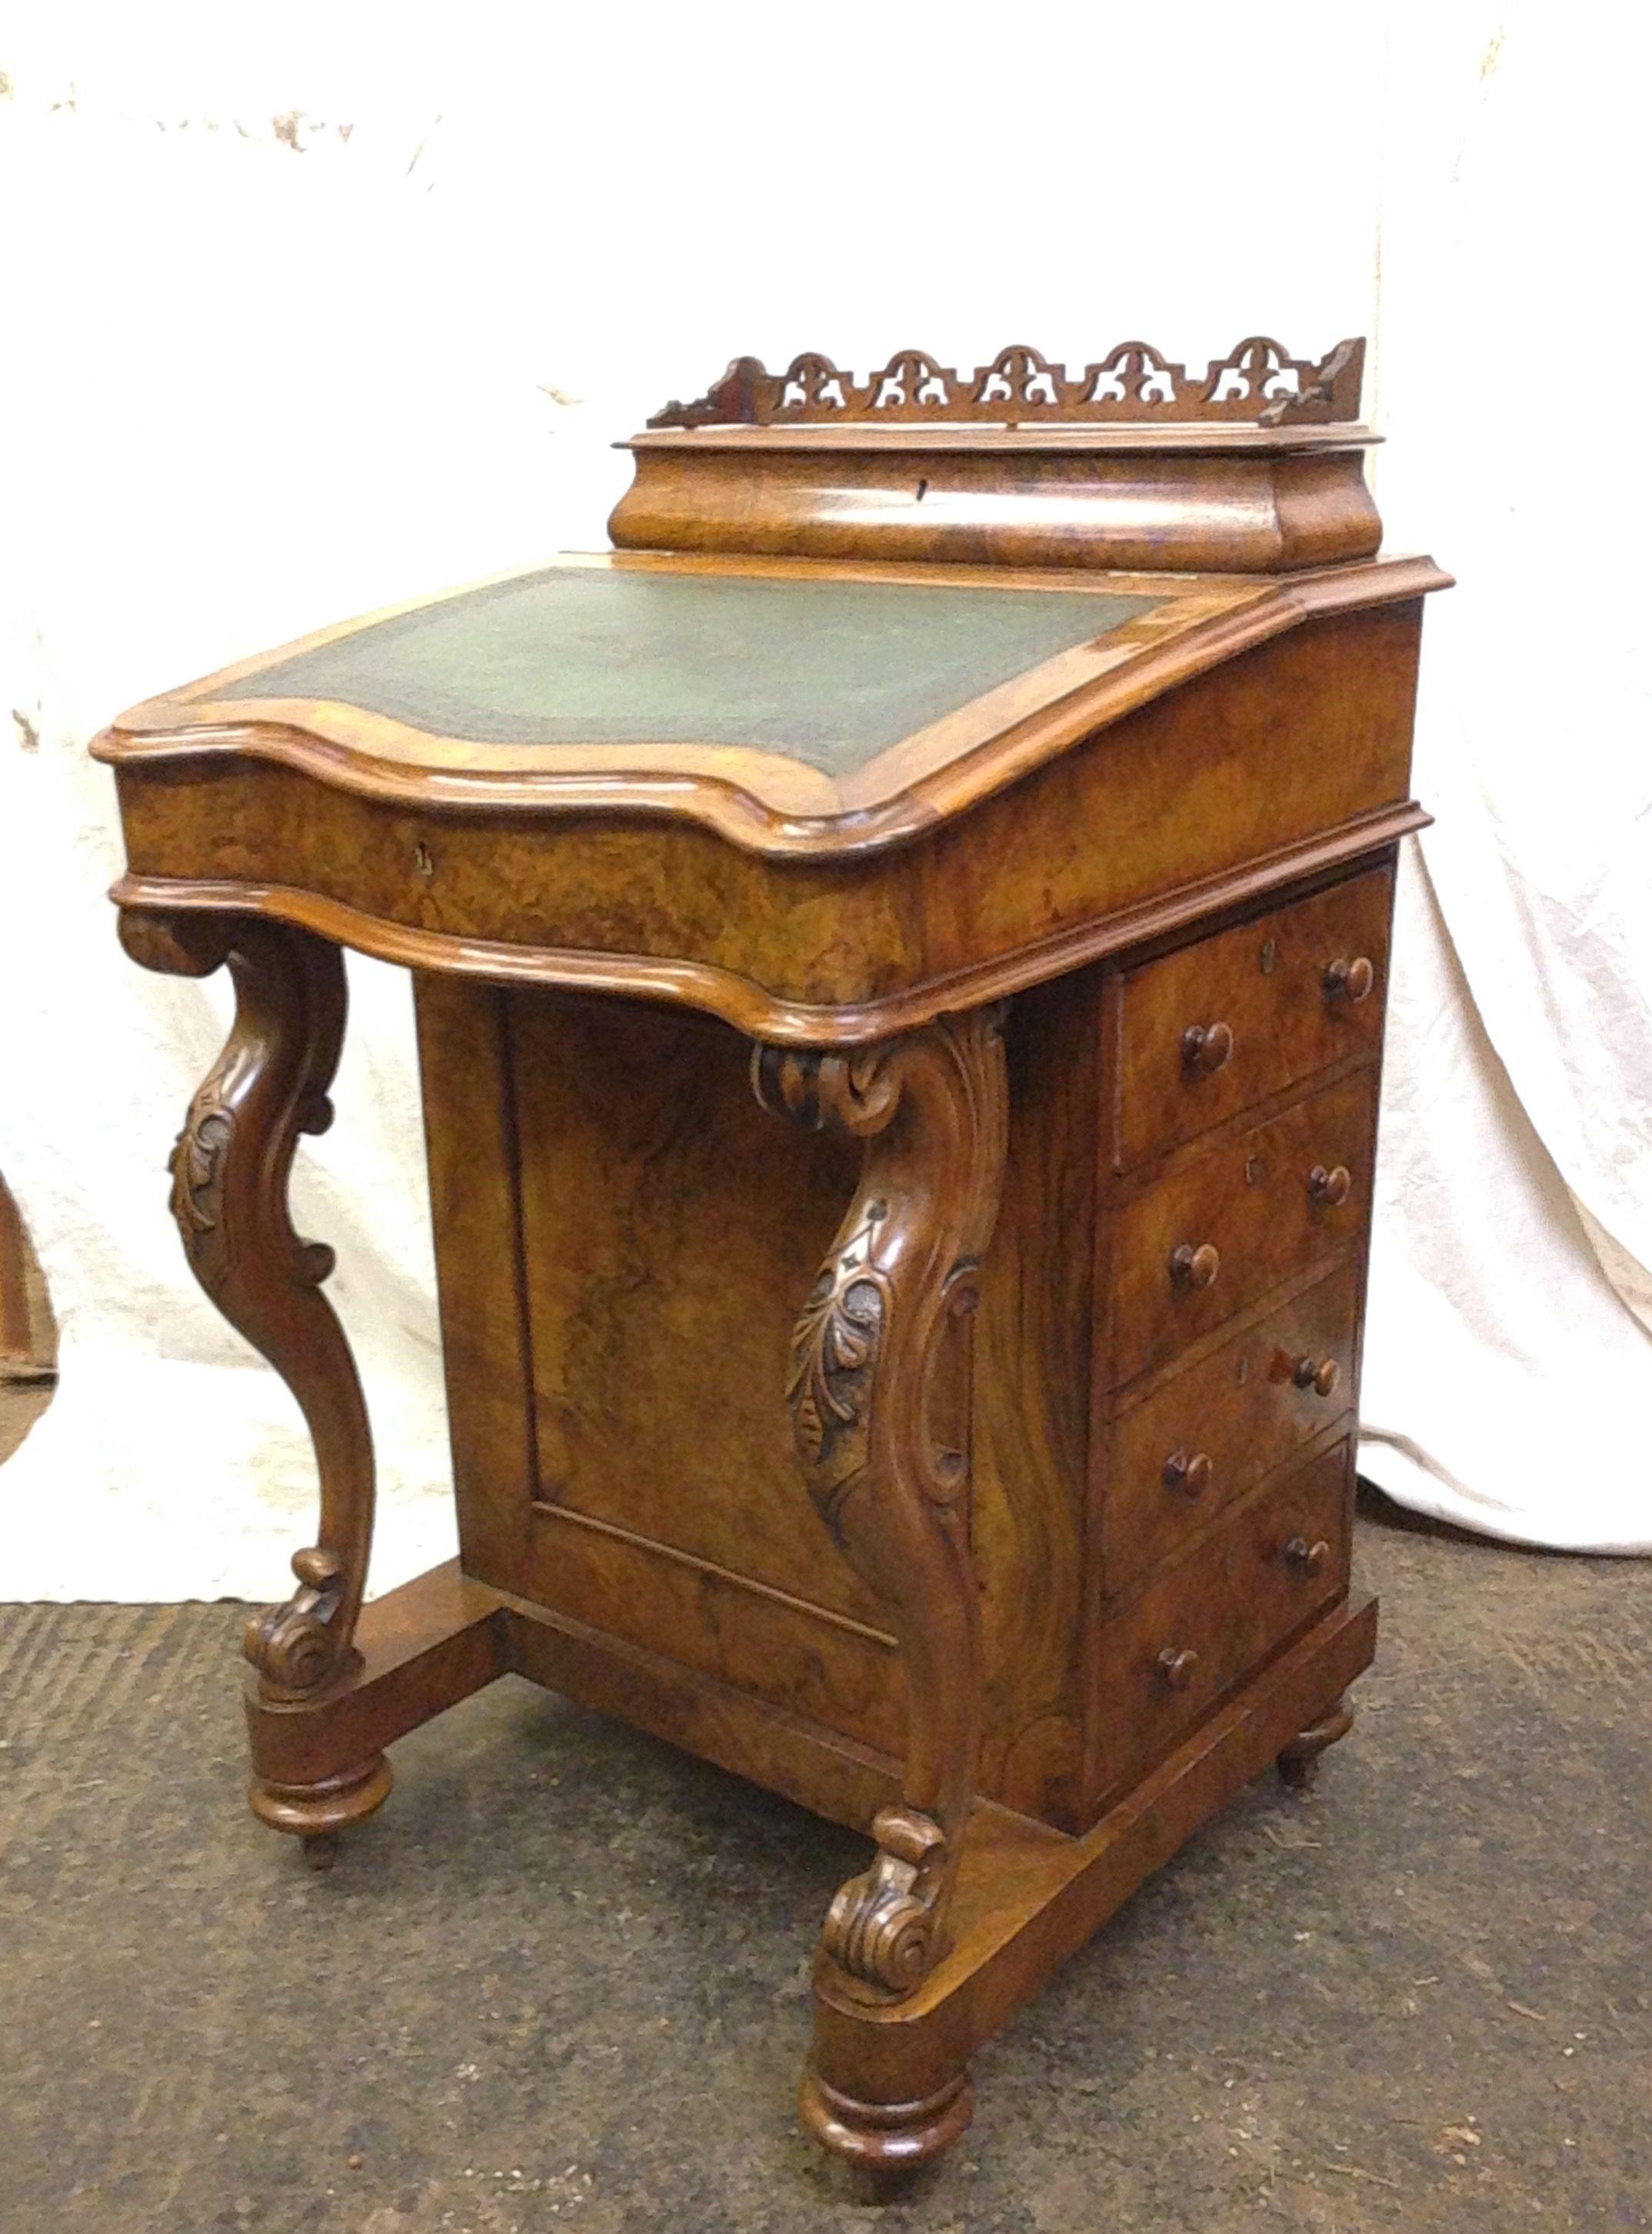 Antique Victorian Walnut Davenport After Restoration Furniture Pedestal Desk